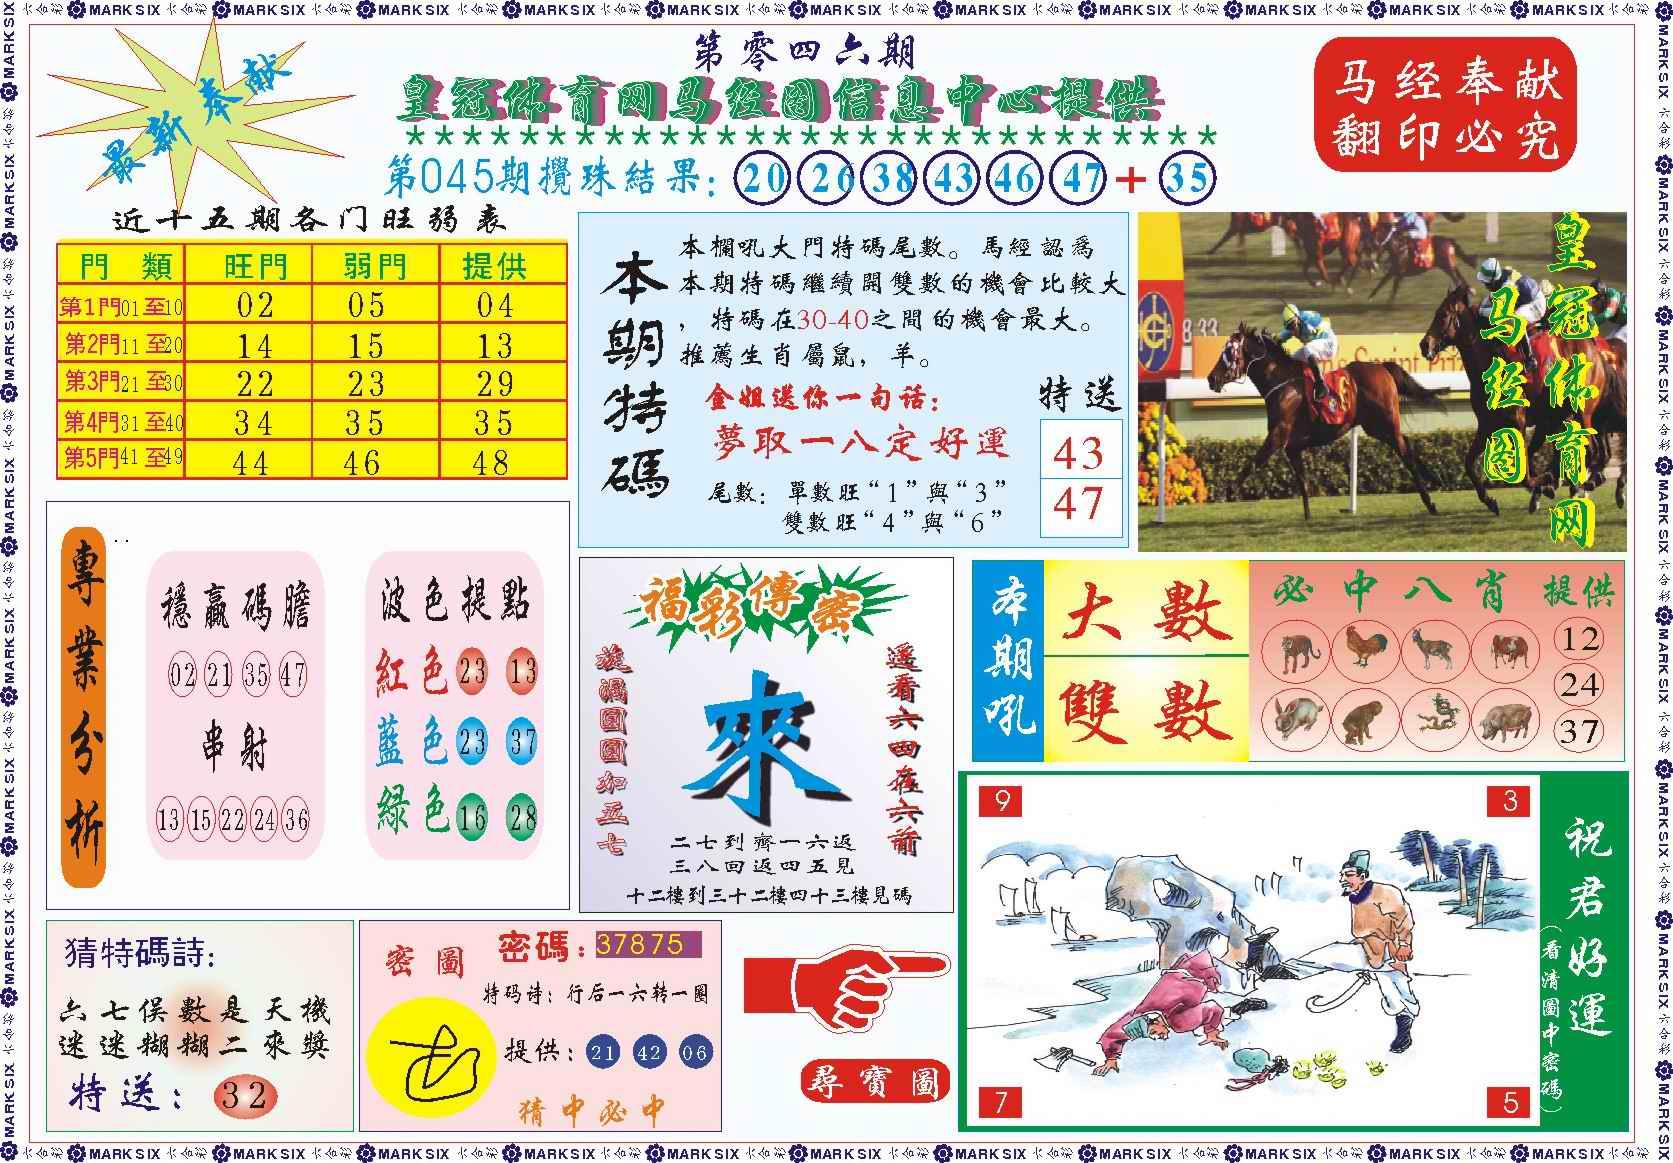 046期皇冠体育网马经图记录